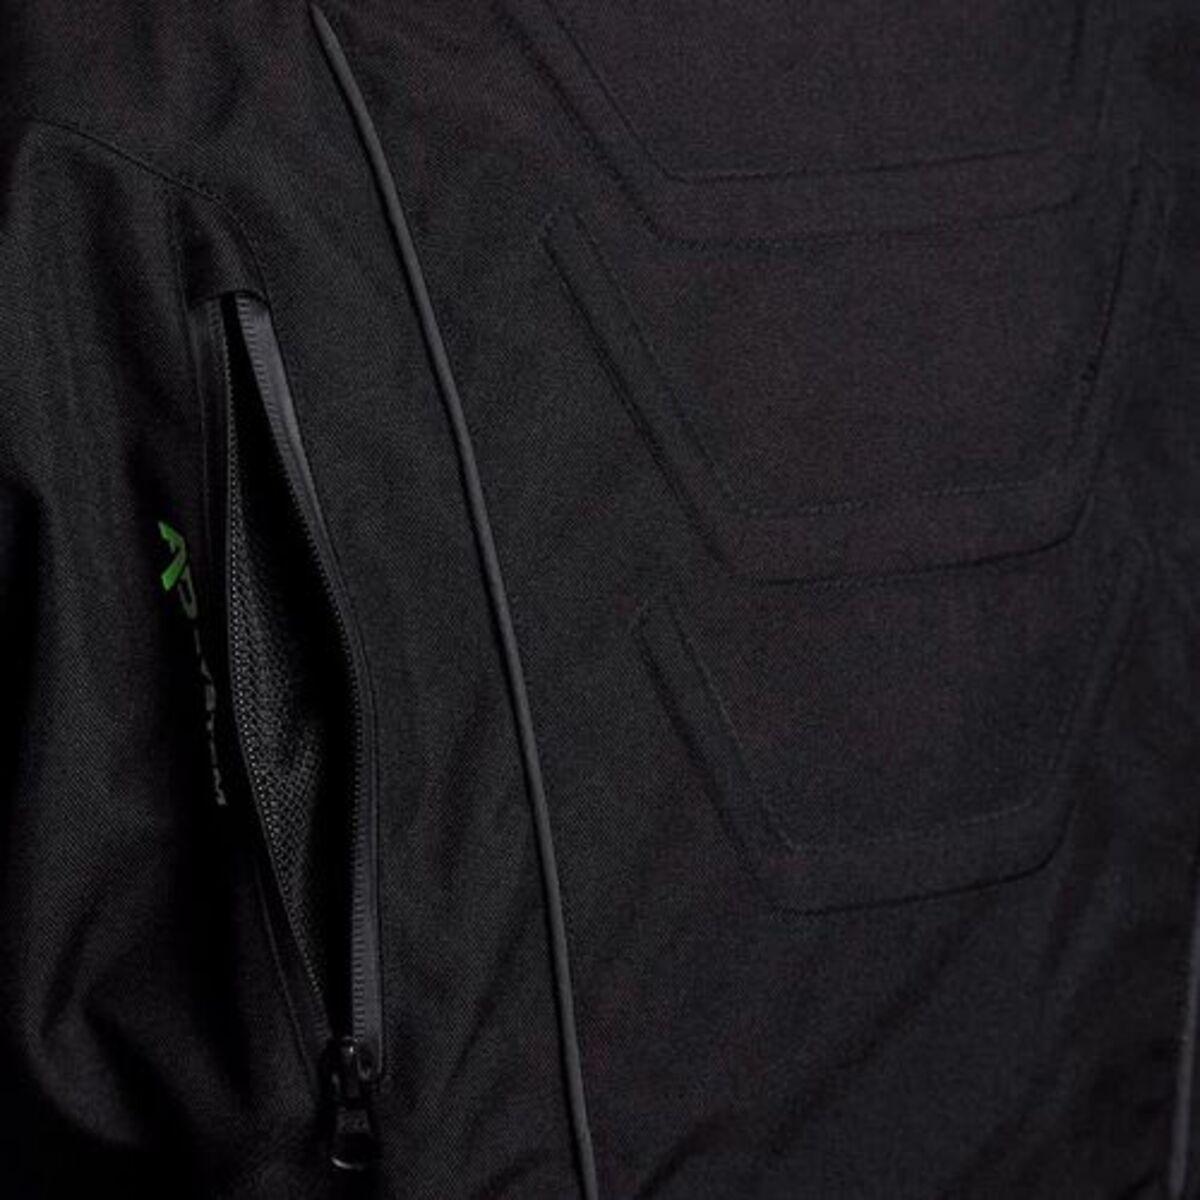 Bild 3 von Bering            Ralf Textil Motorradjacke schwarz/gelb